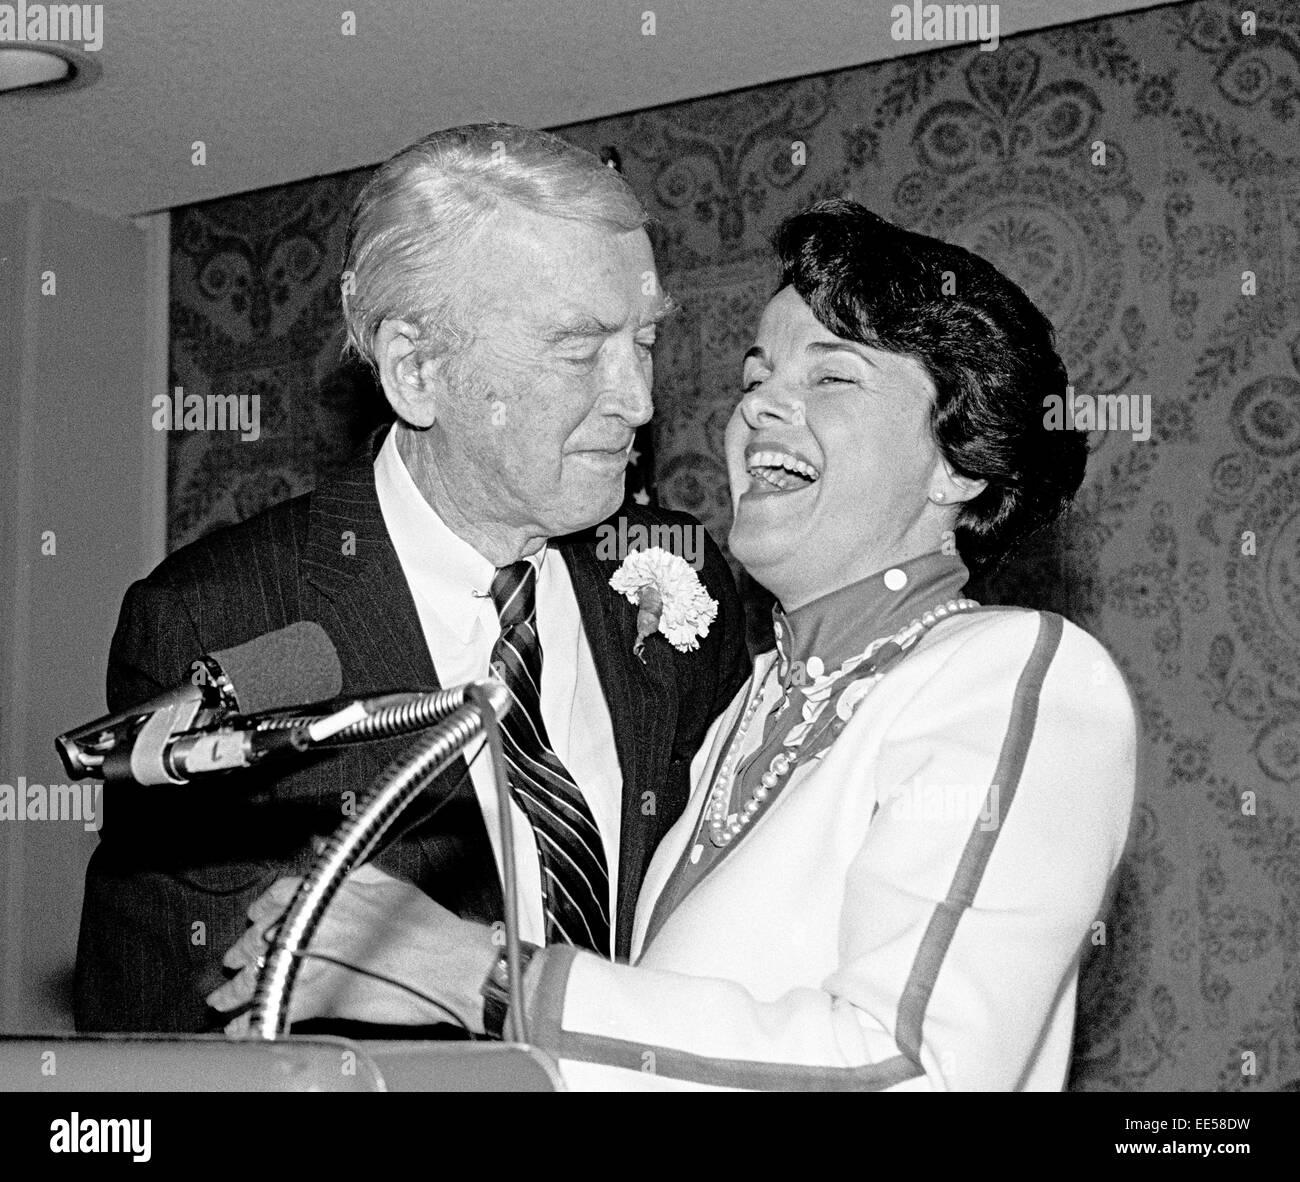 Actor Jimmy Stewart & Mayor Dianne Feinstein 1984 - Stock Image